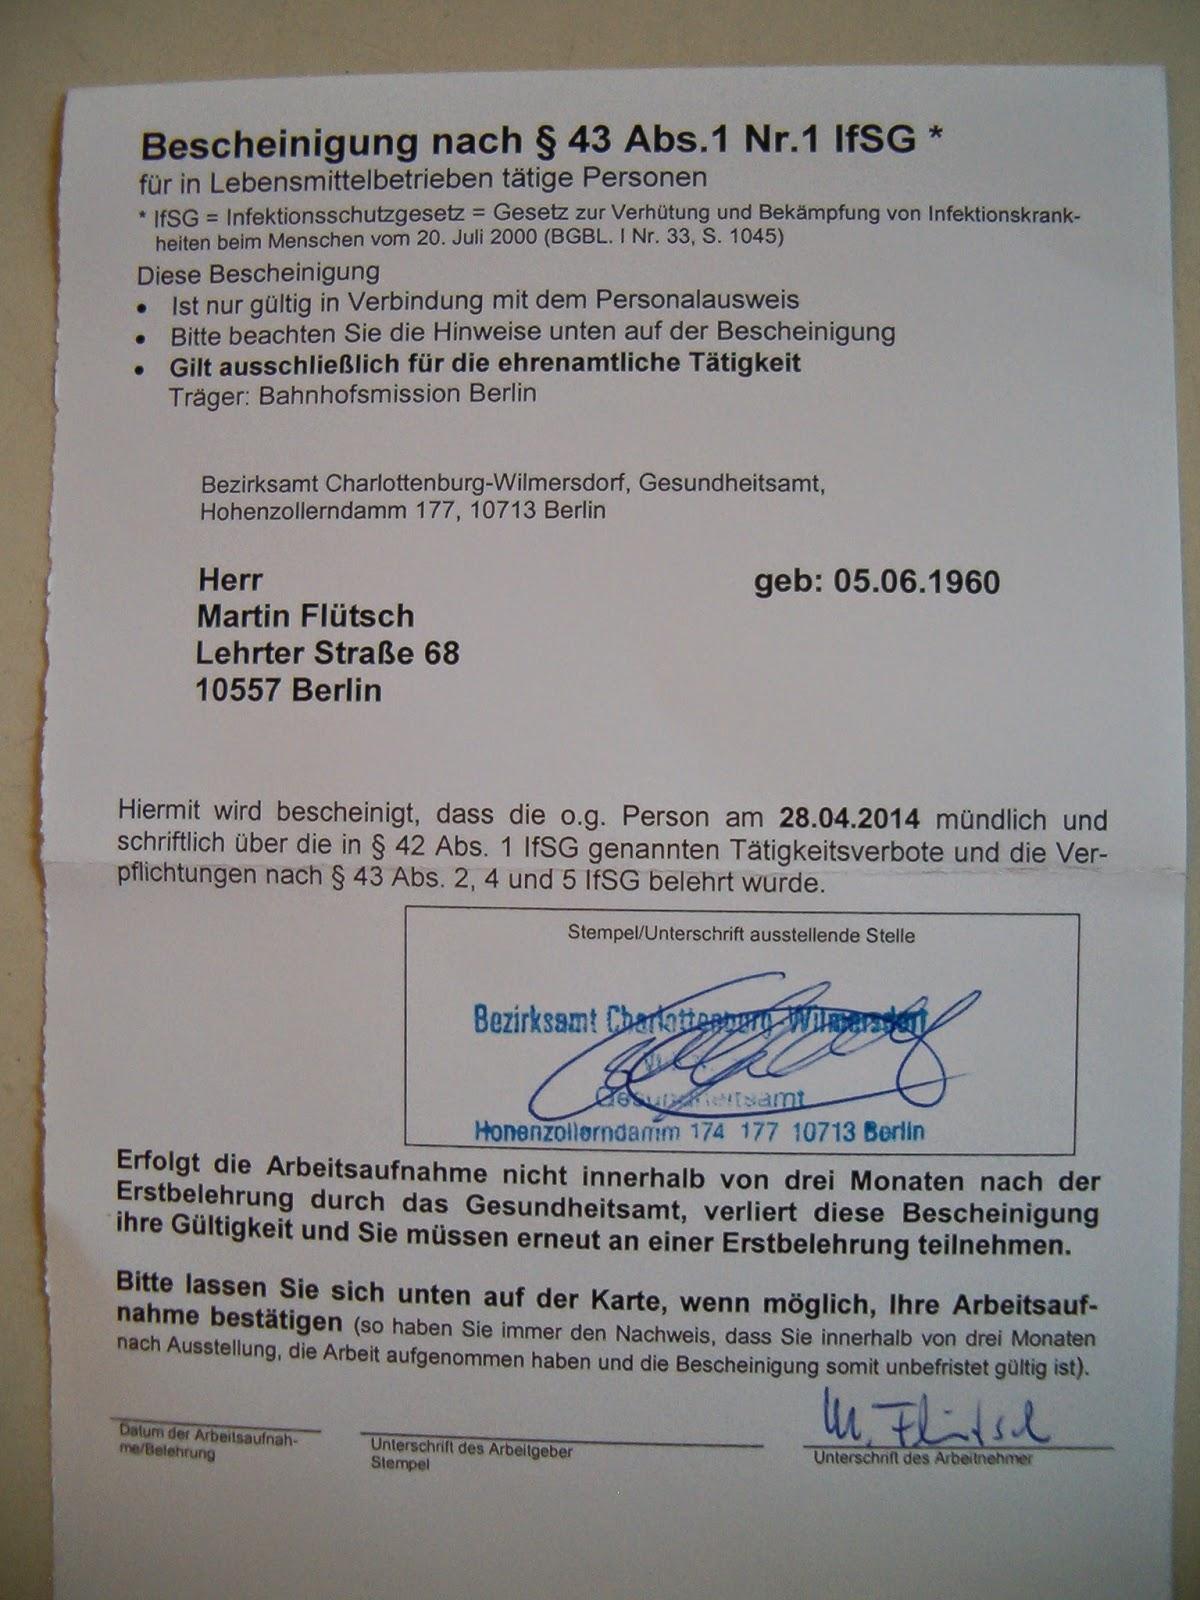 Rote Karte Gesundheitsamt Berlin.Gesundheitsamt Berlin Rote Karte Karte